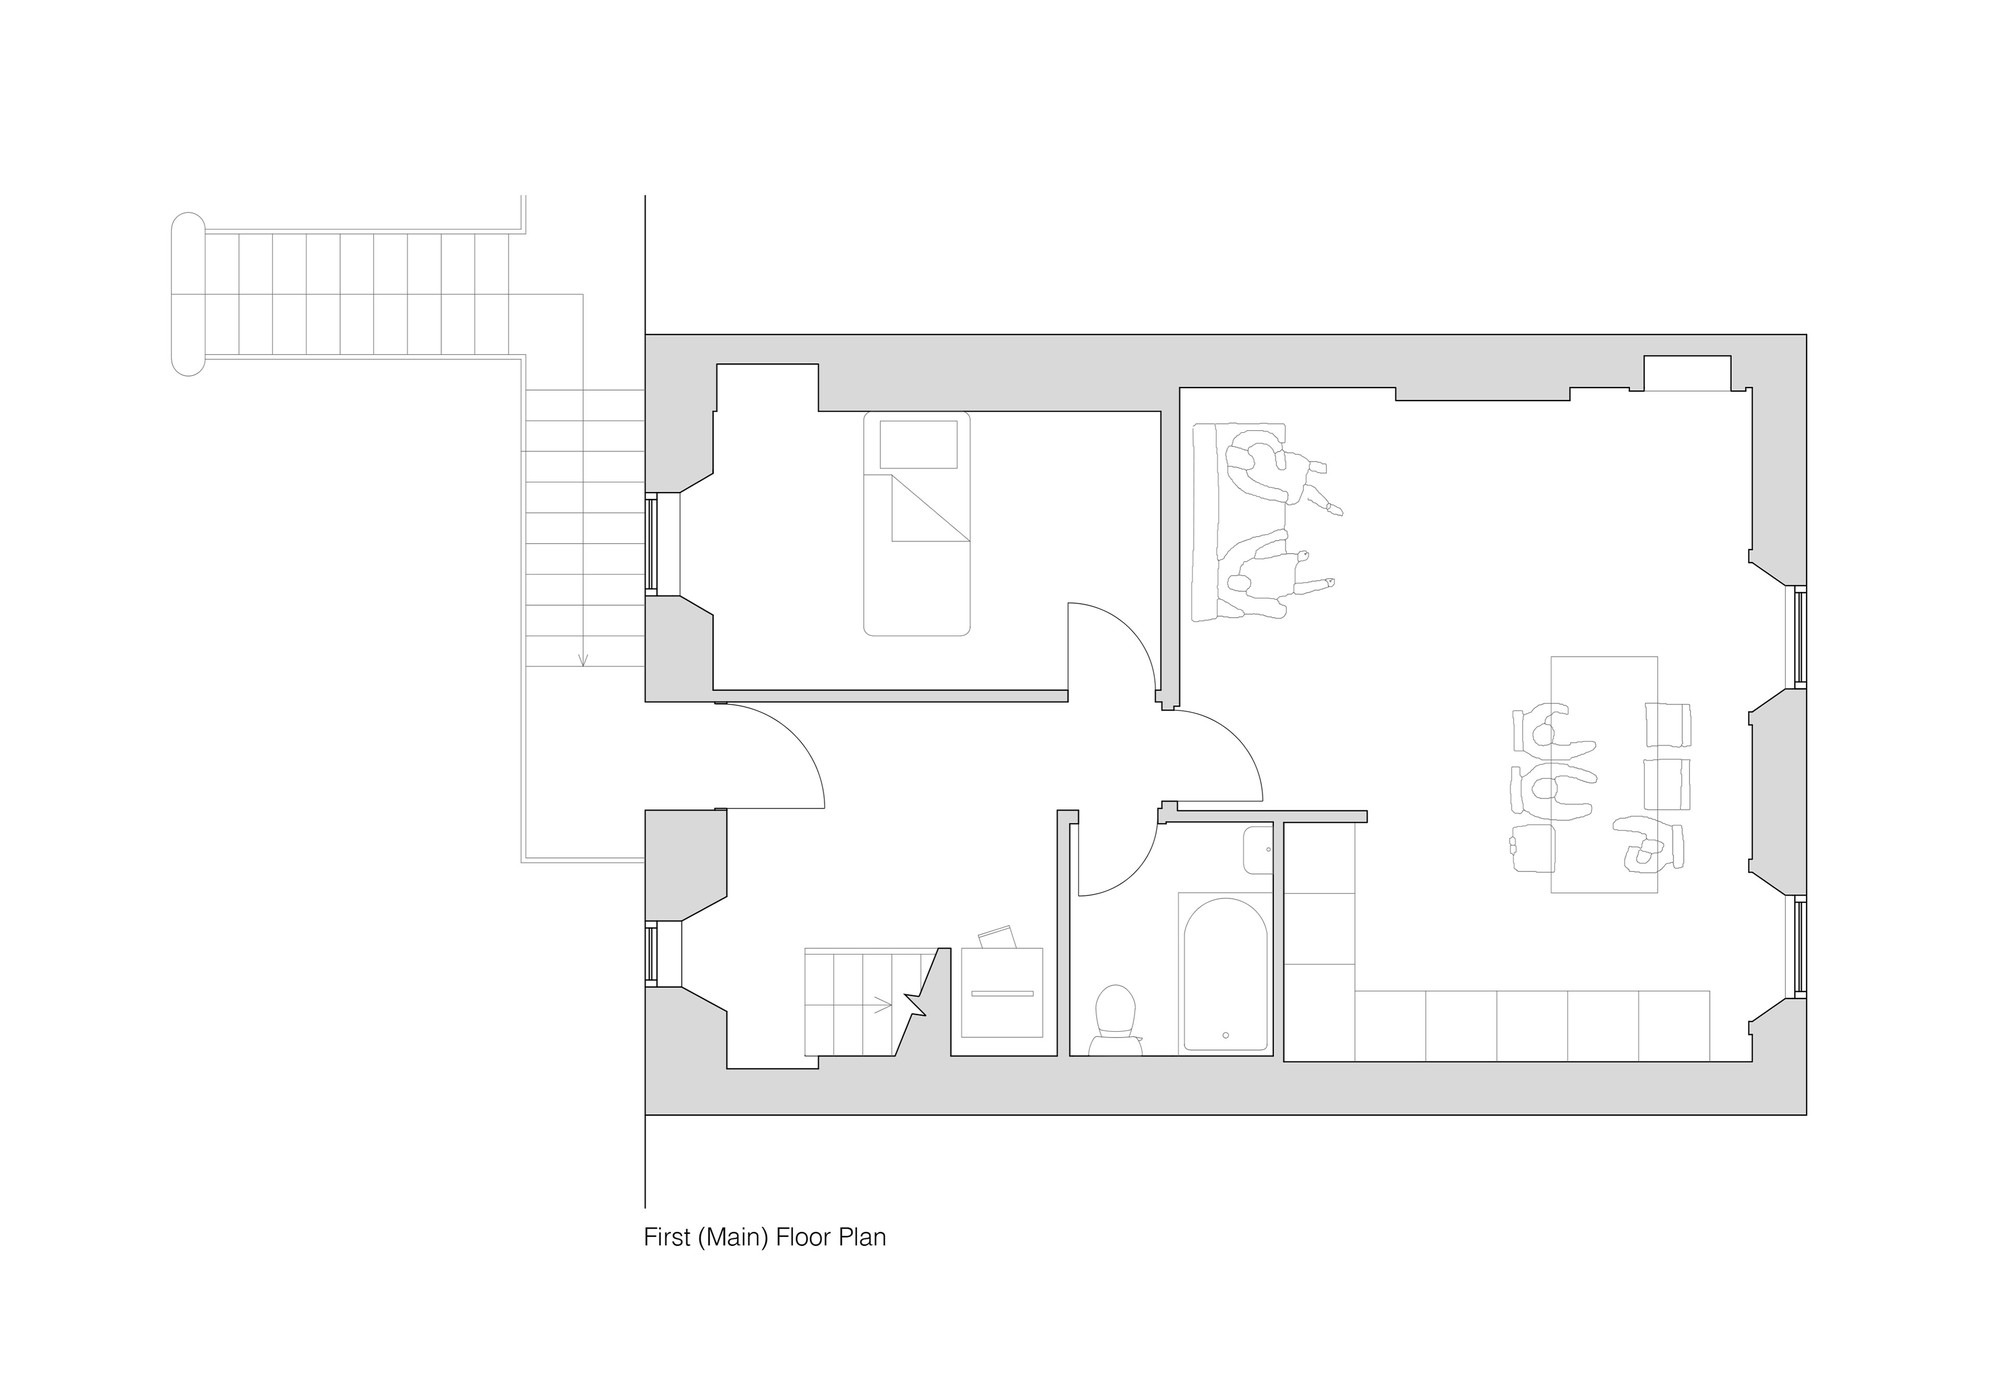 Best First Floor Plan